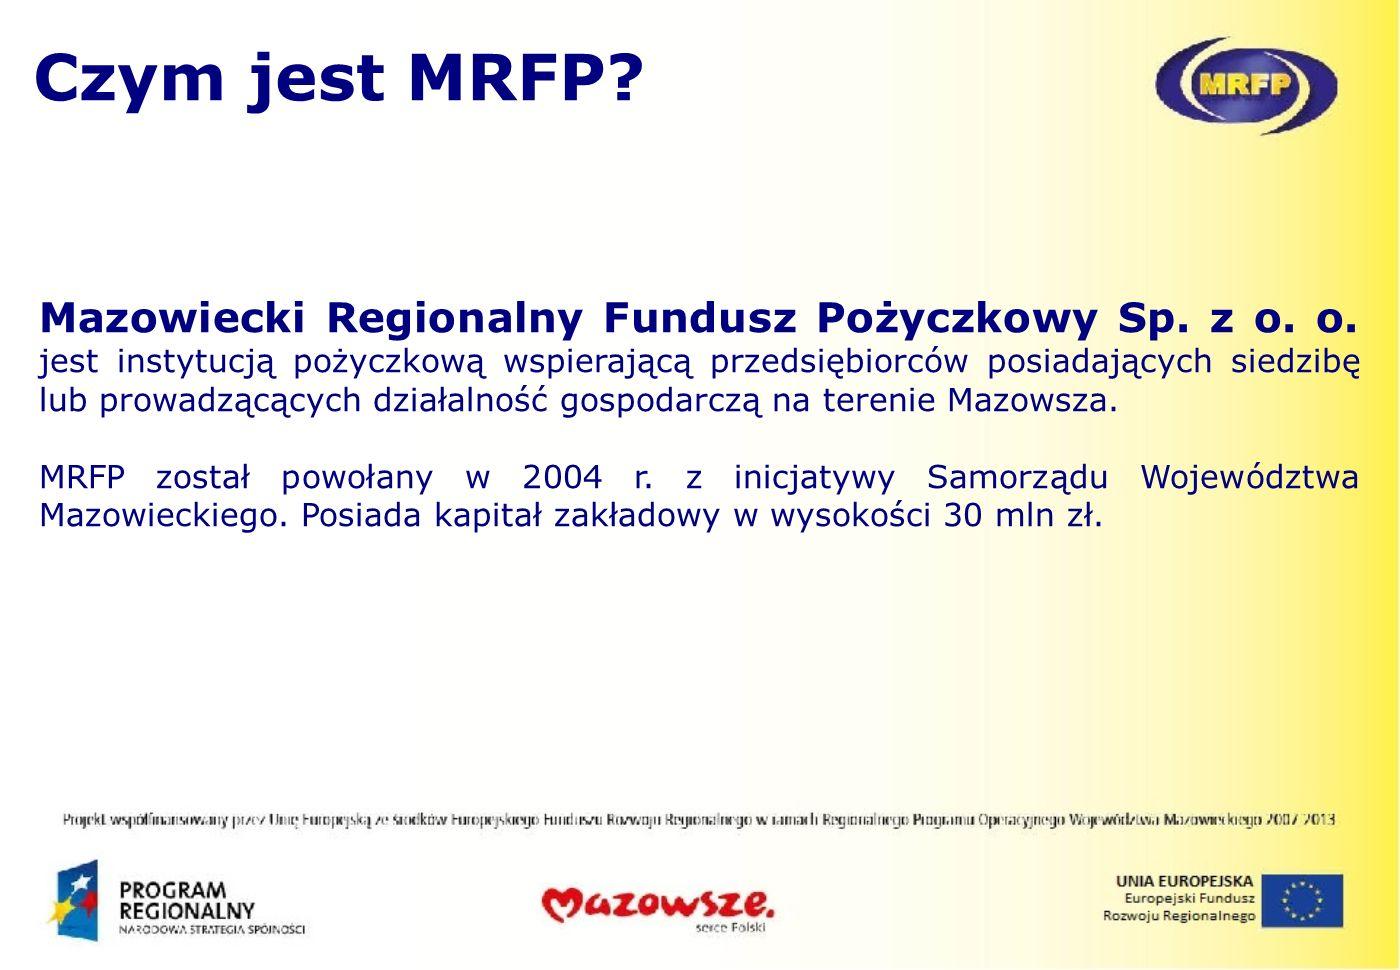 Czym jest MRFP